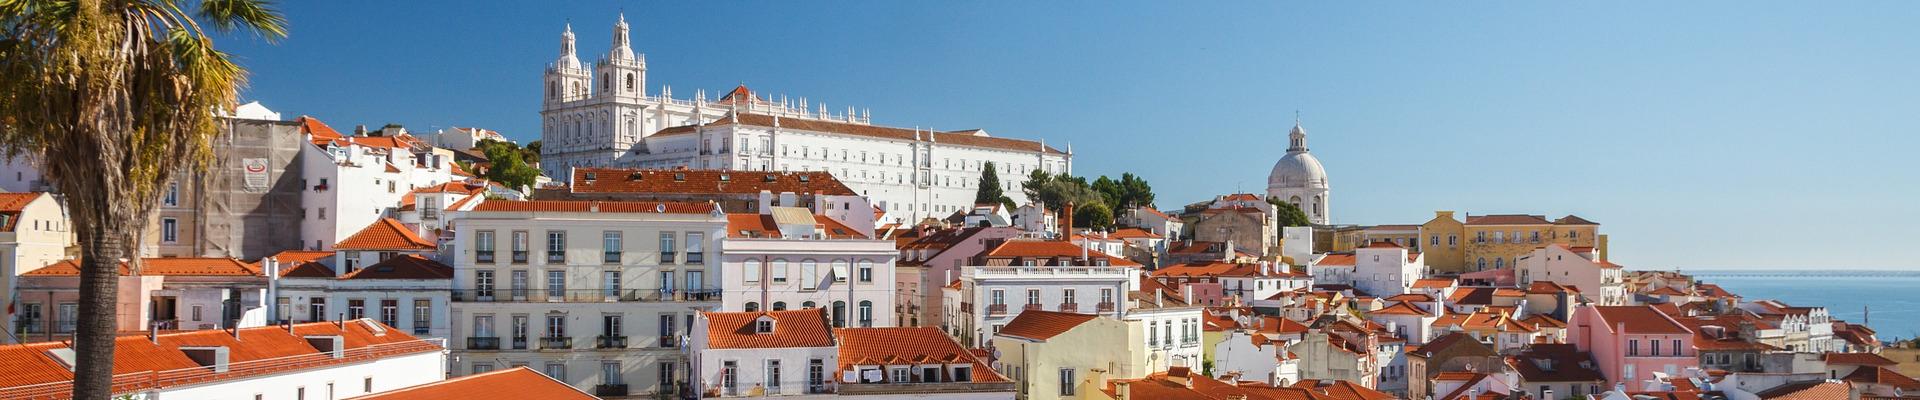 gemeinschaftlich Wohnen in Portugal